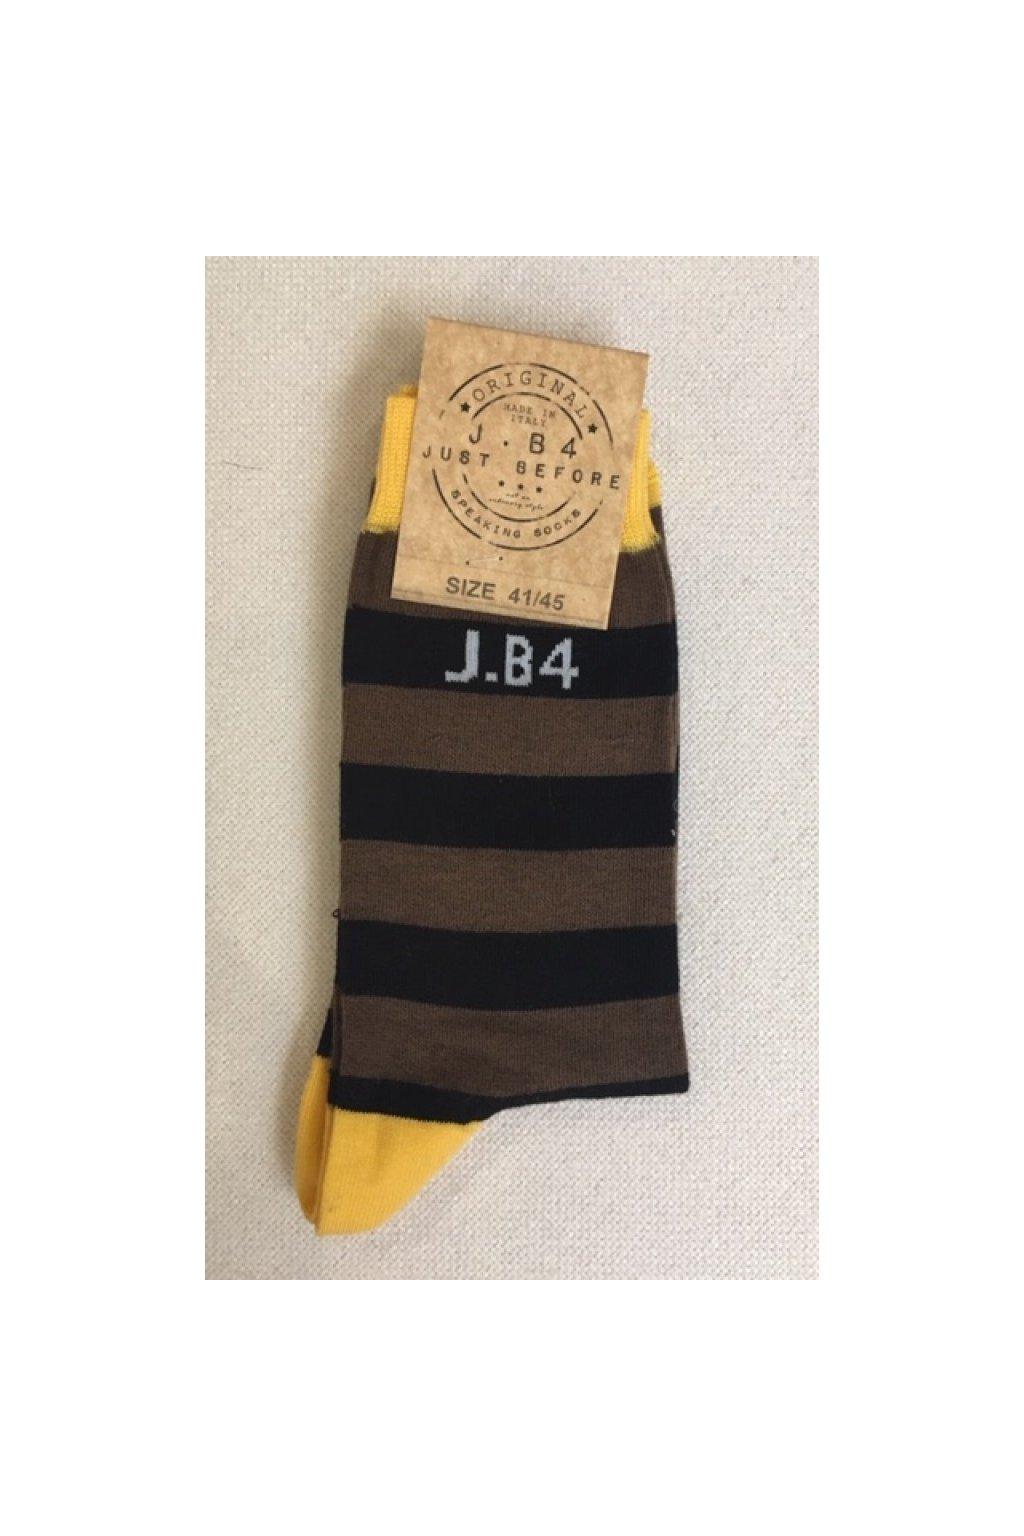 Ponožky s proužkem J.B4 - hnědé (Velikost Velikost 41/45)